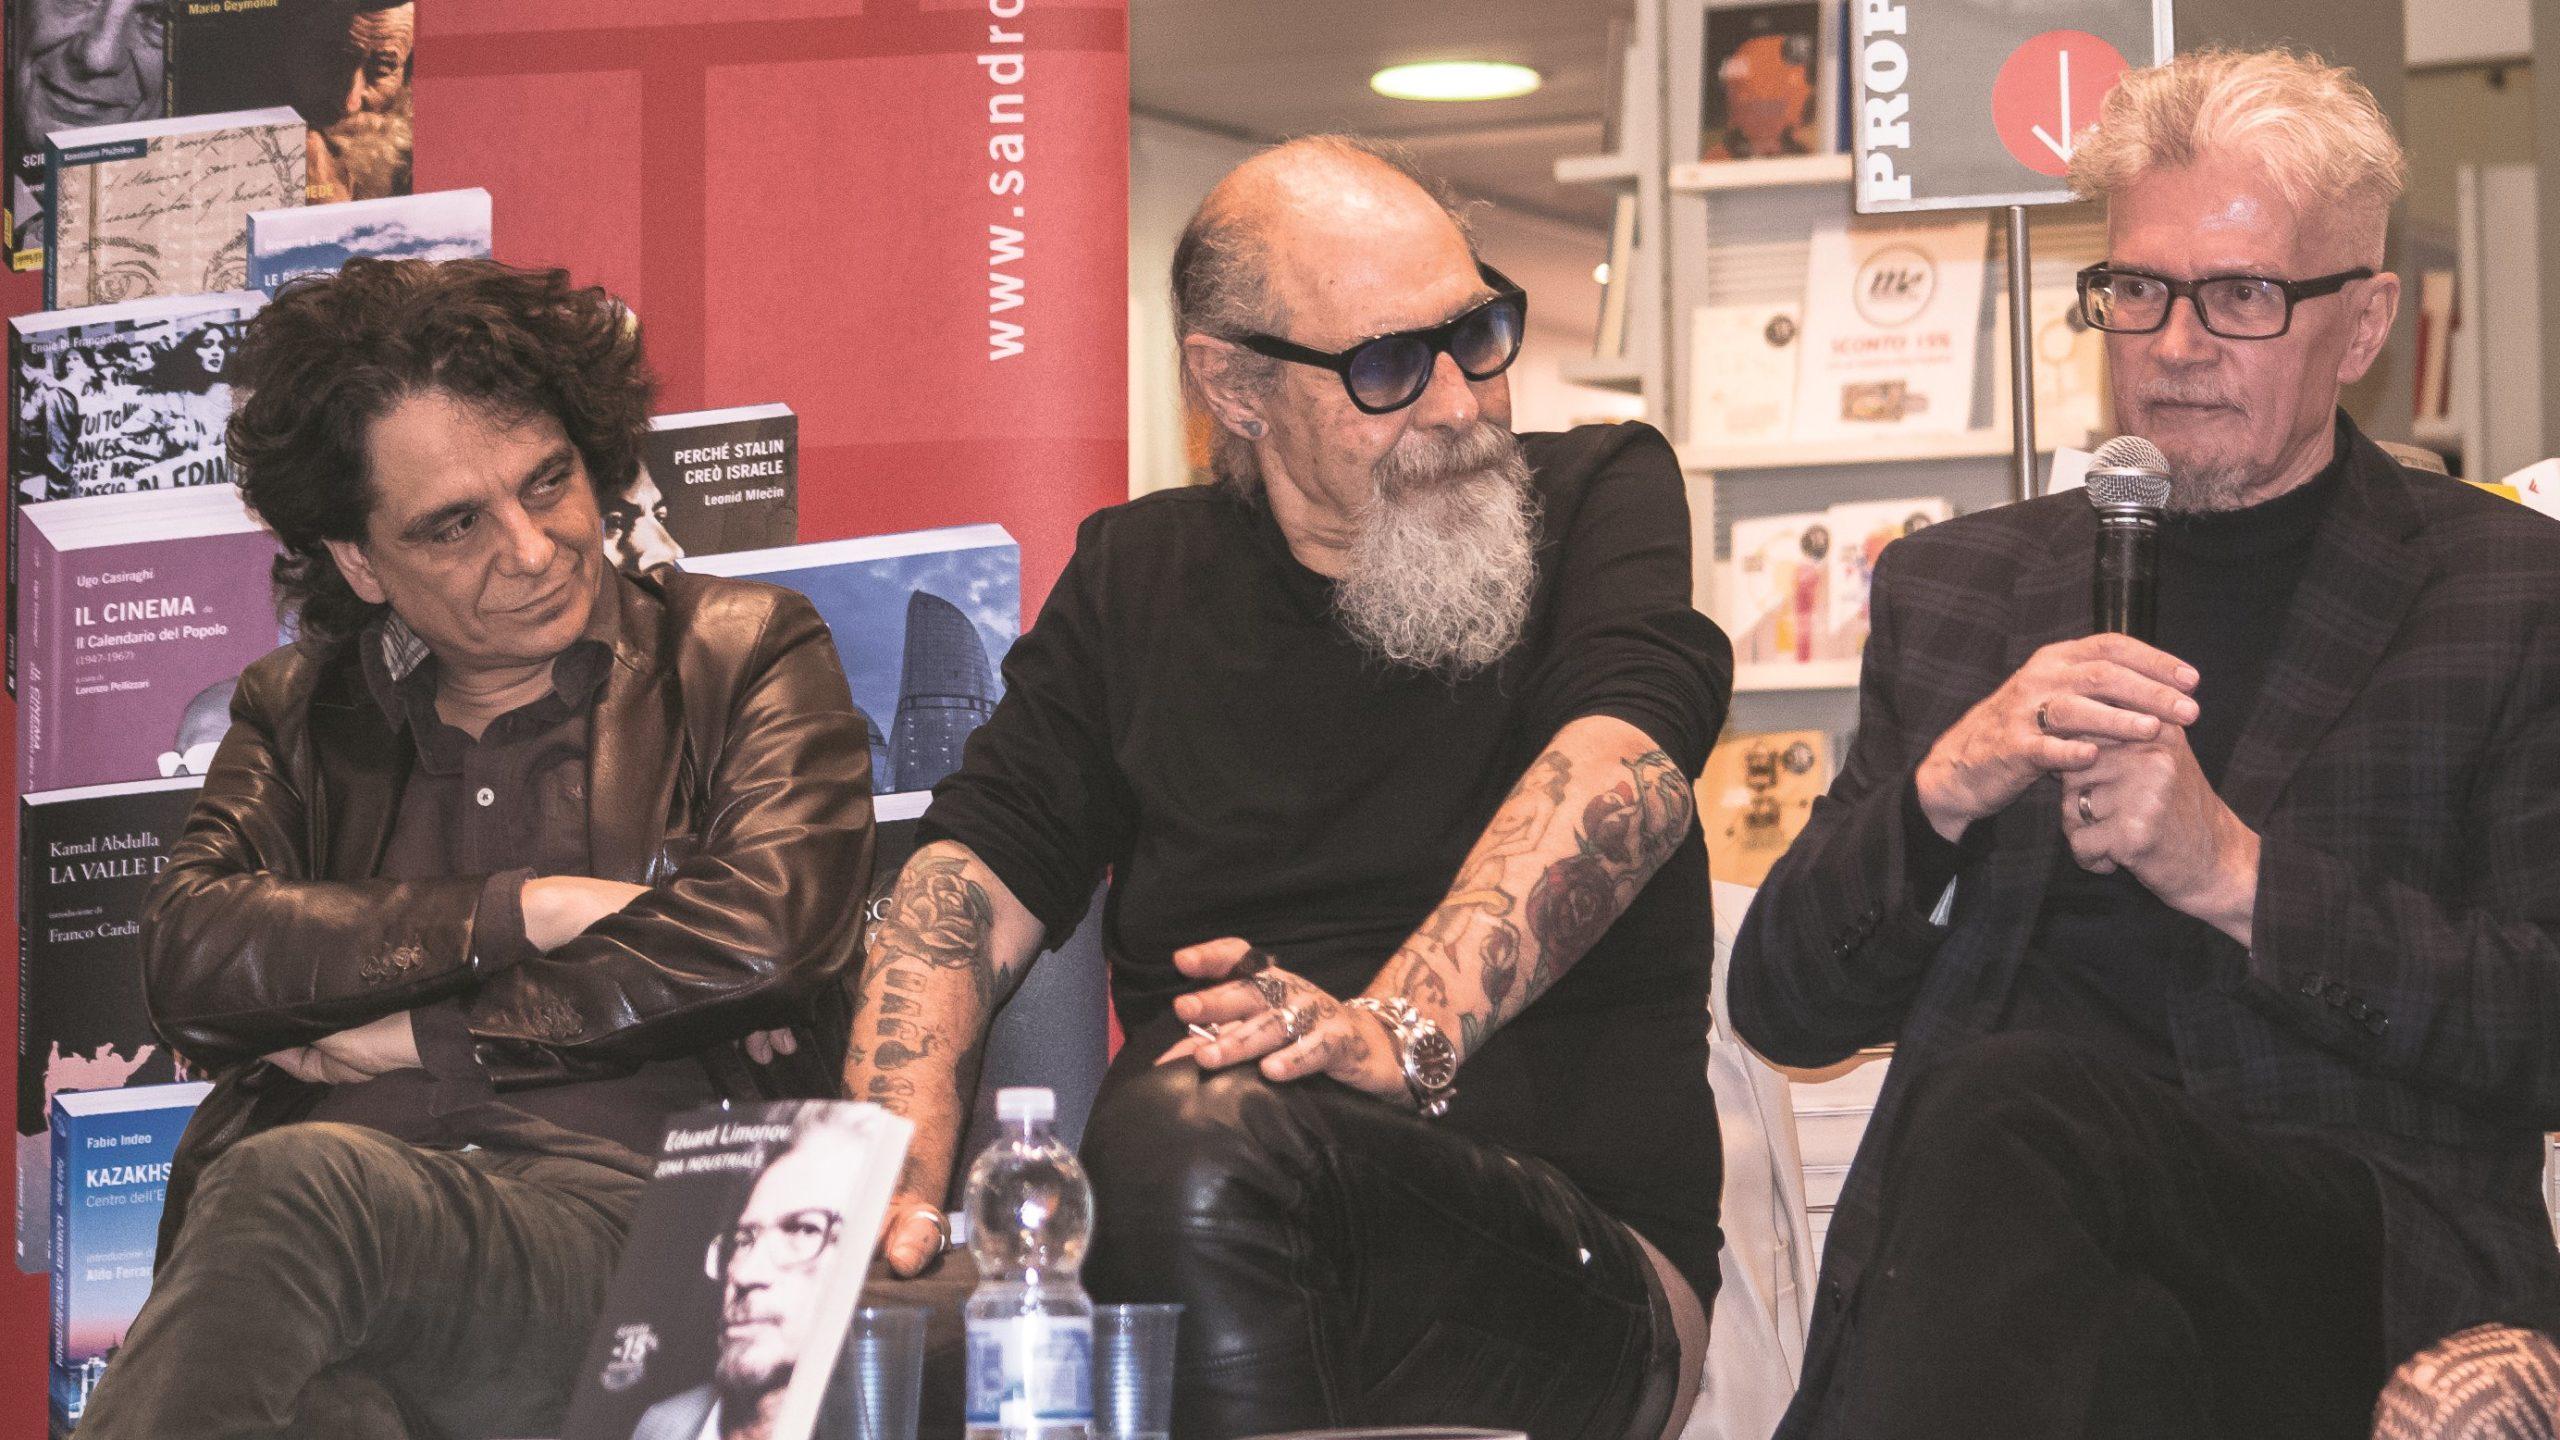 """Presentazione del libro di Eduard Limonov """"Zona industriale"""" presso IBS+Libraccio a Roma. Da sinistra: l'editore Sandro Teti;Roberto D'Agostino e l'autore E. Limonov."""